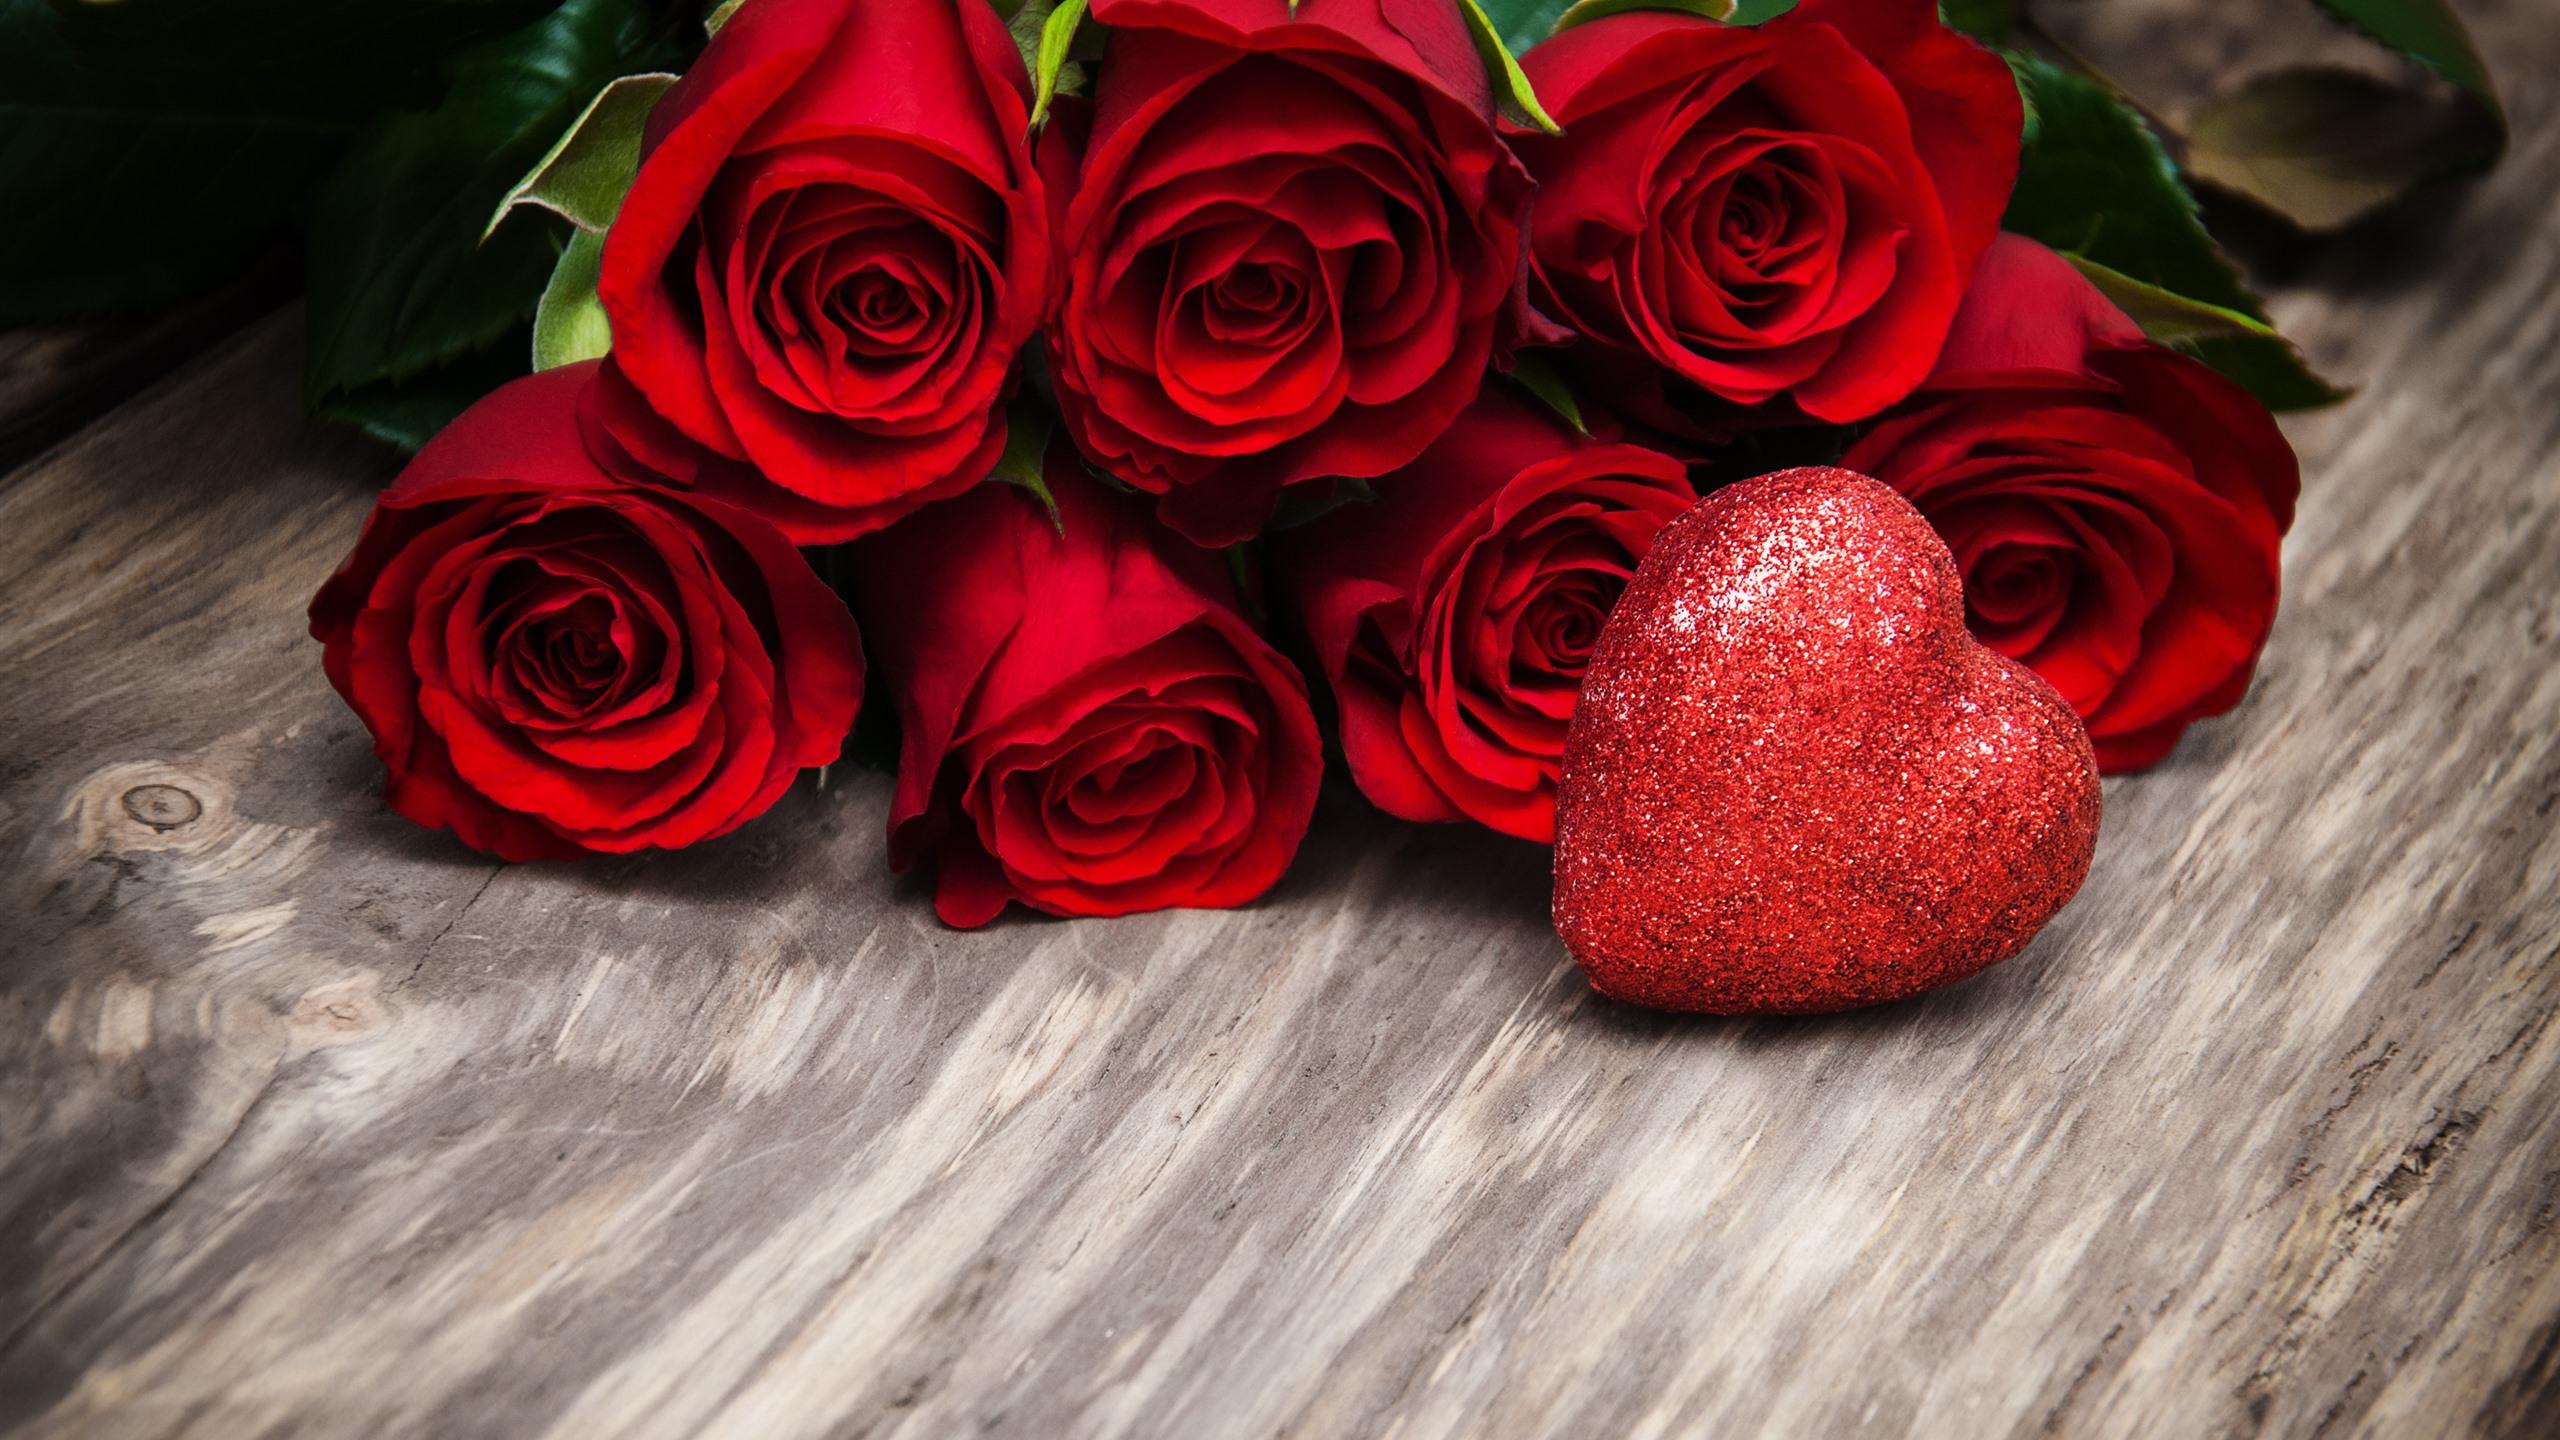 Fonds Décran Roses Rouges Coeur Damour Brille